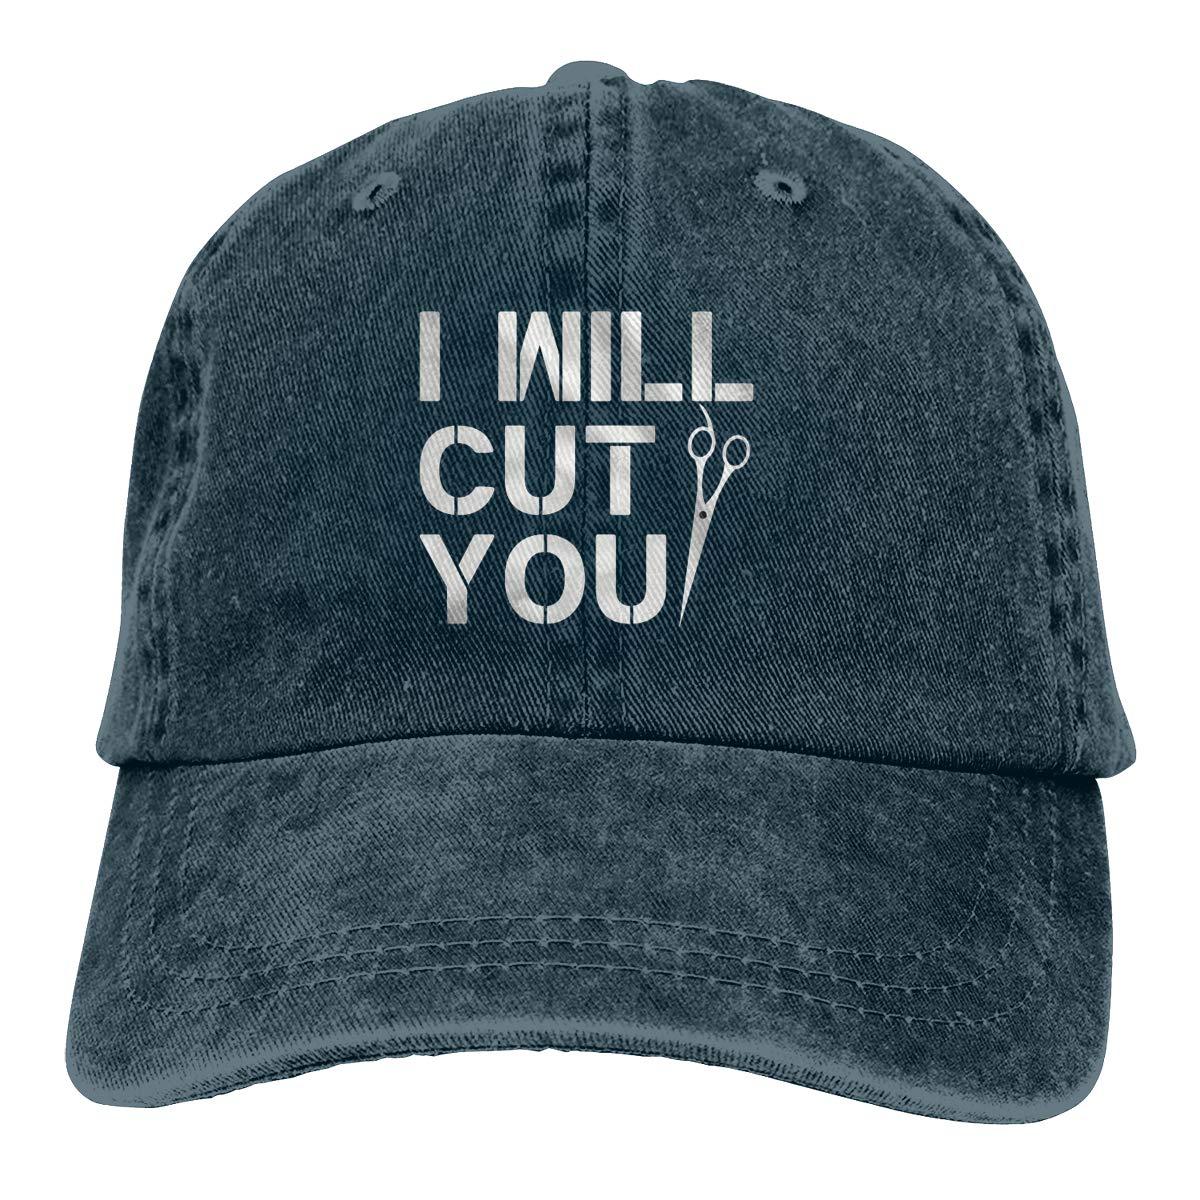 Sajfirlug I Will Cut You Funny Hair Dresser Fashion Adjustable Cowboy Cap Denim Hat for Women and Men